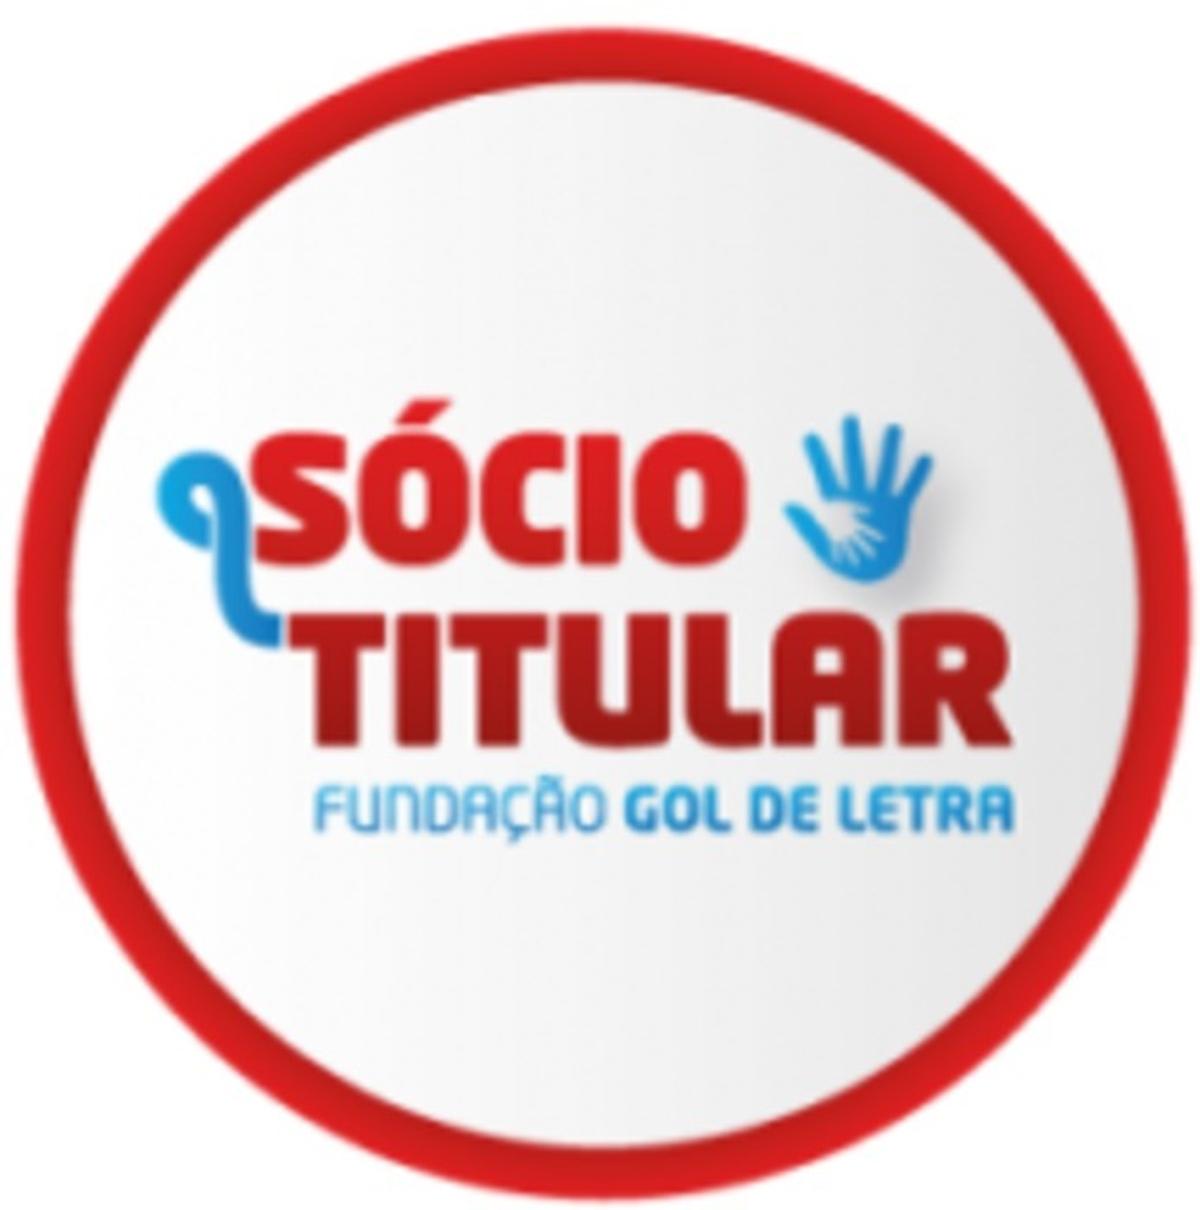 FUNDAÇÃO GOL DE LETRA - SÓCIO TITULAR